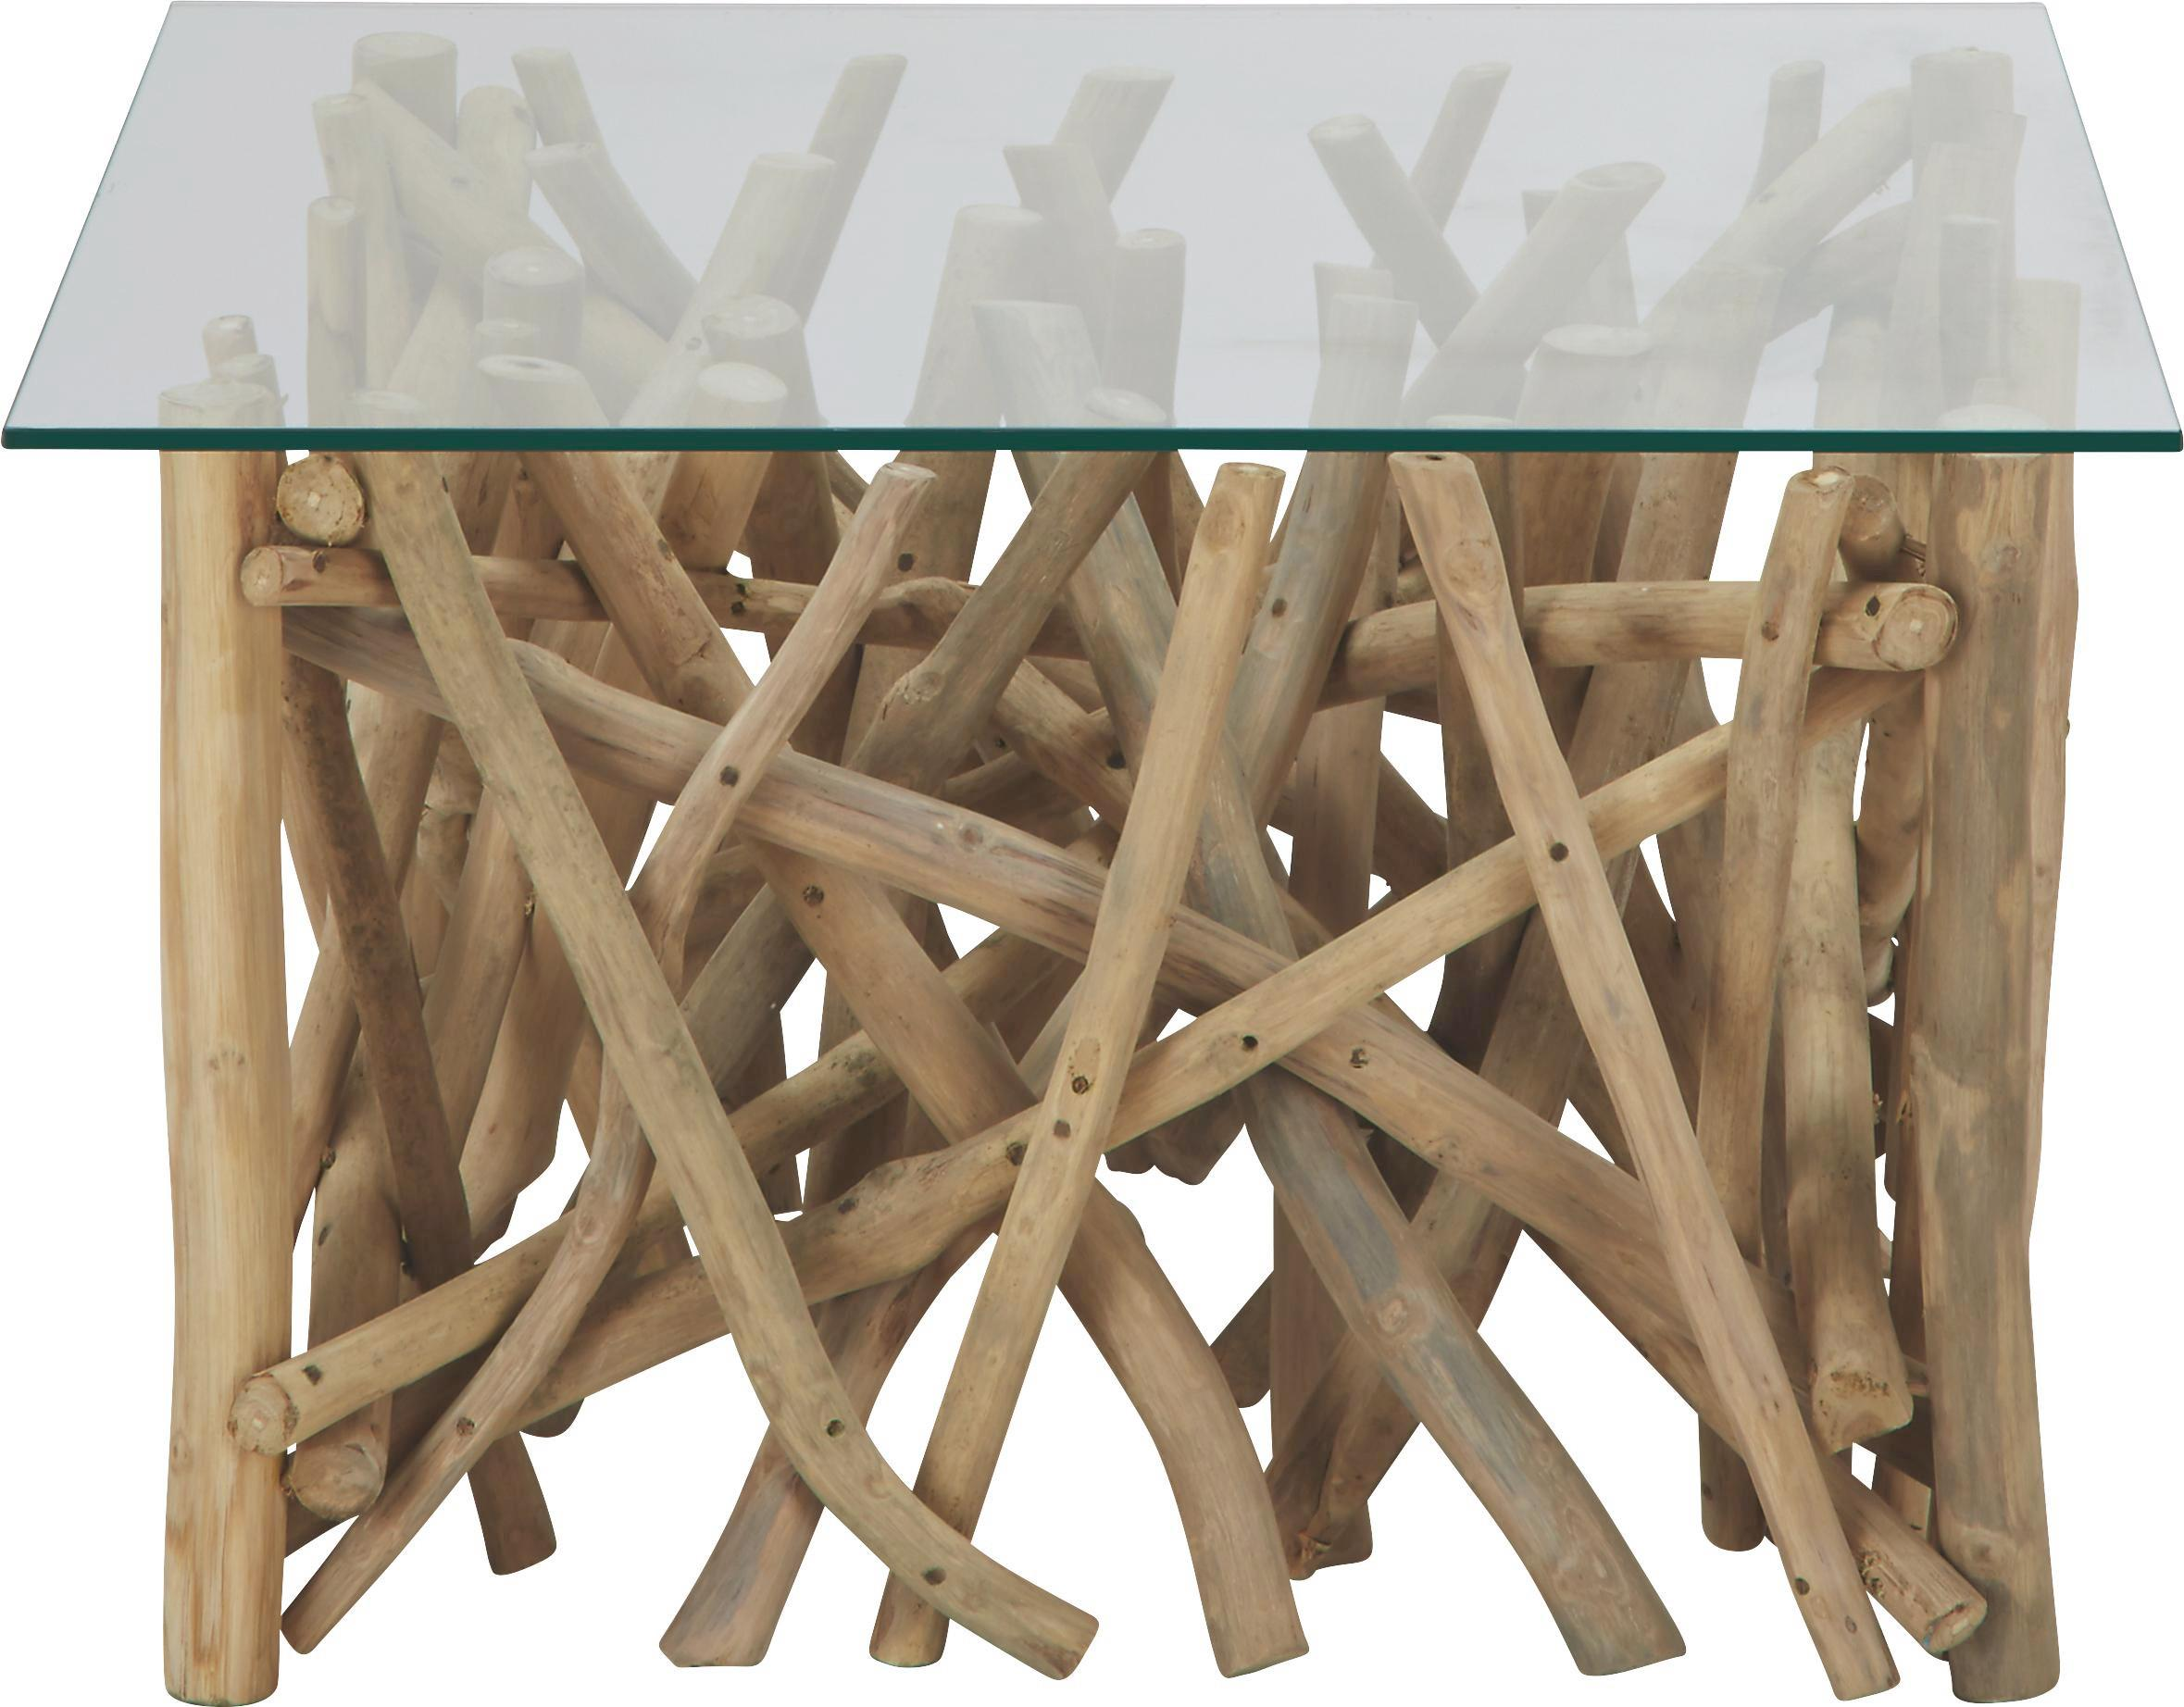 Couchtisch Holz Glas - Weiß/Teakfarben, LIFESTYLE, Glas/Holz (80/42/80cm) - ZANDIARA